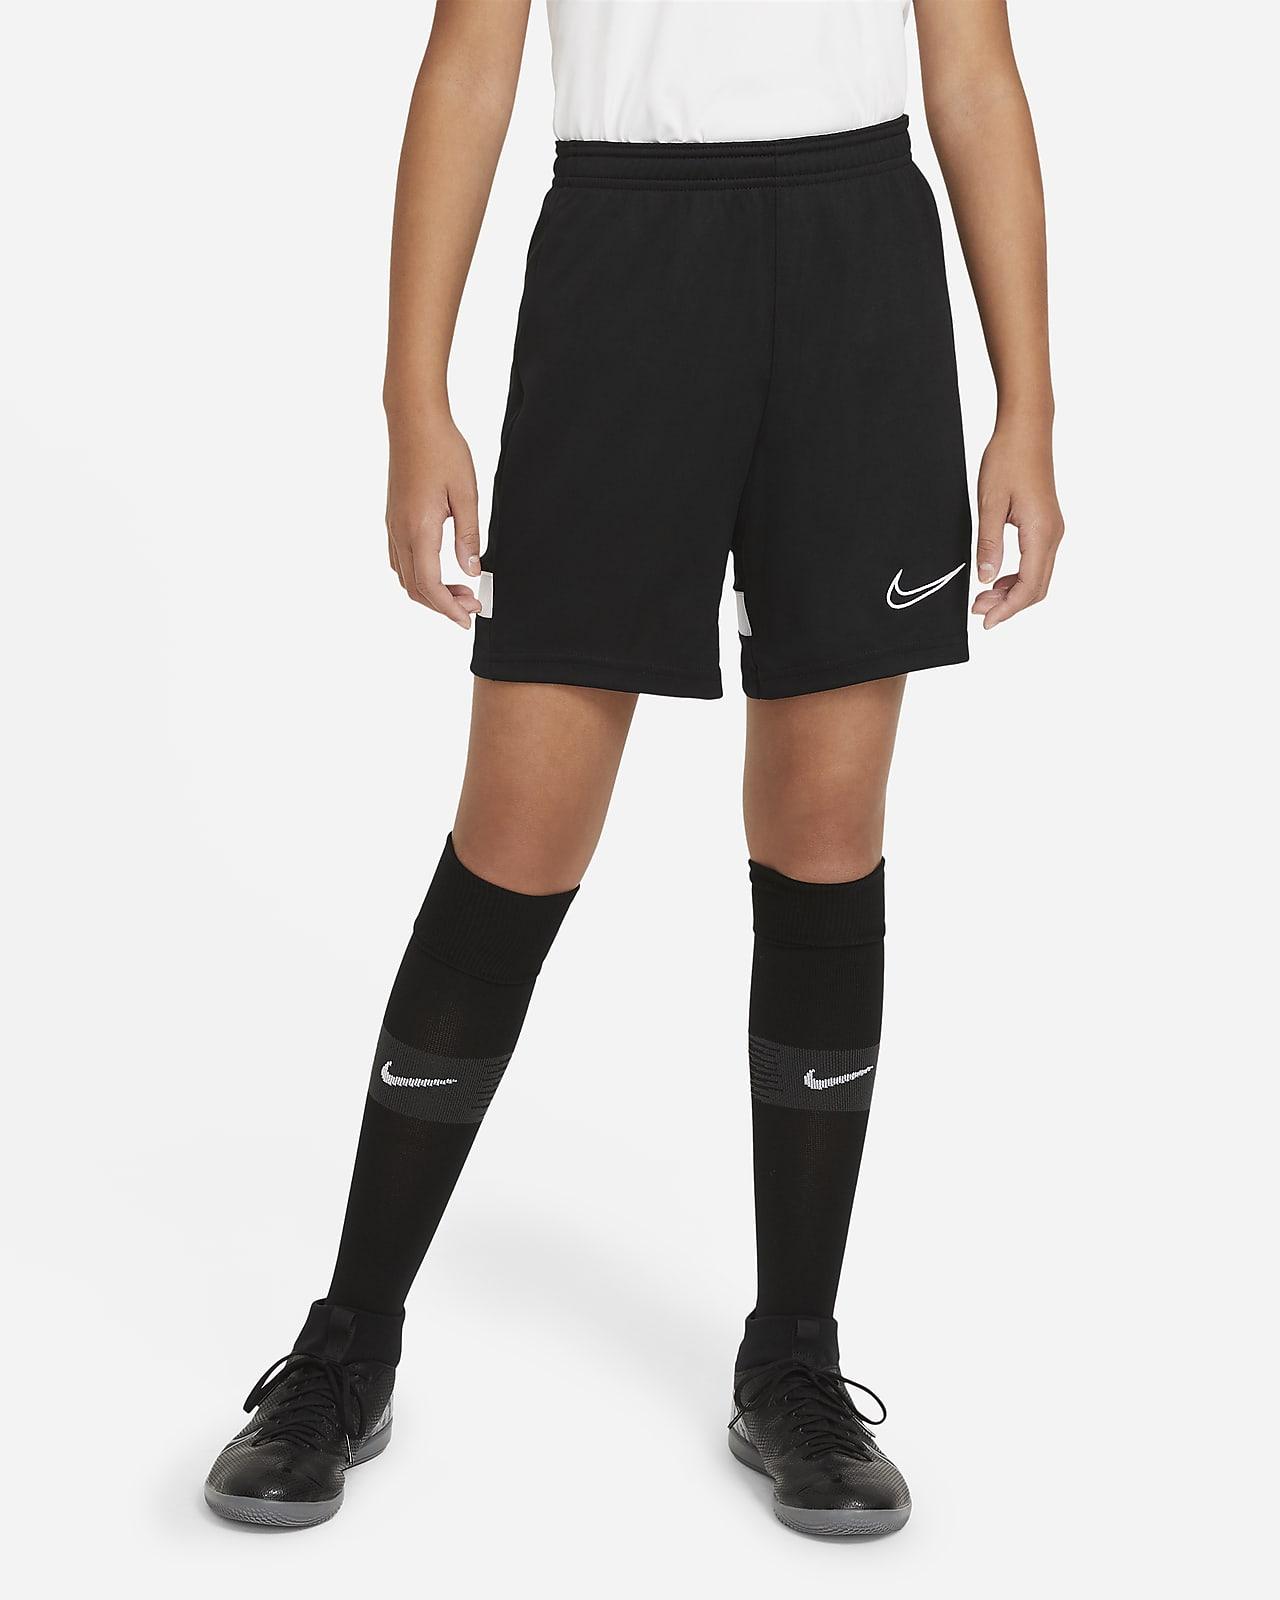 Shorts de fútbol tejidos para niños talla grande Nike Dri-FIT Academy